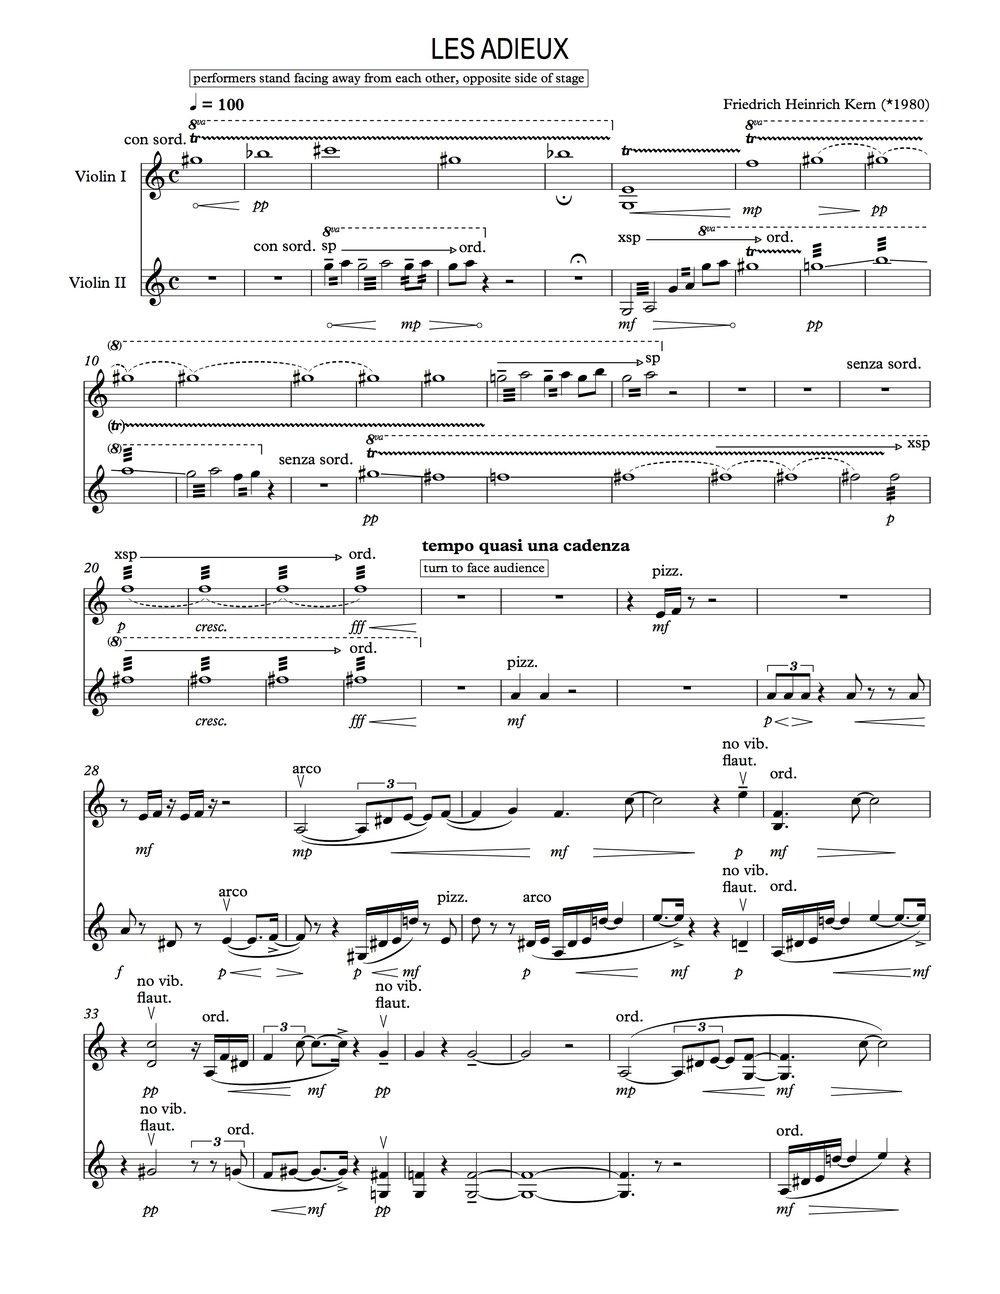 Friedrich Heinrich Kern - Les Adieux (Excerpt)